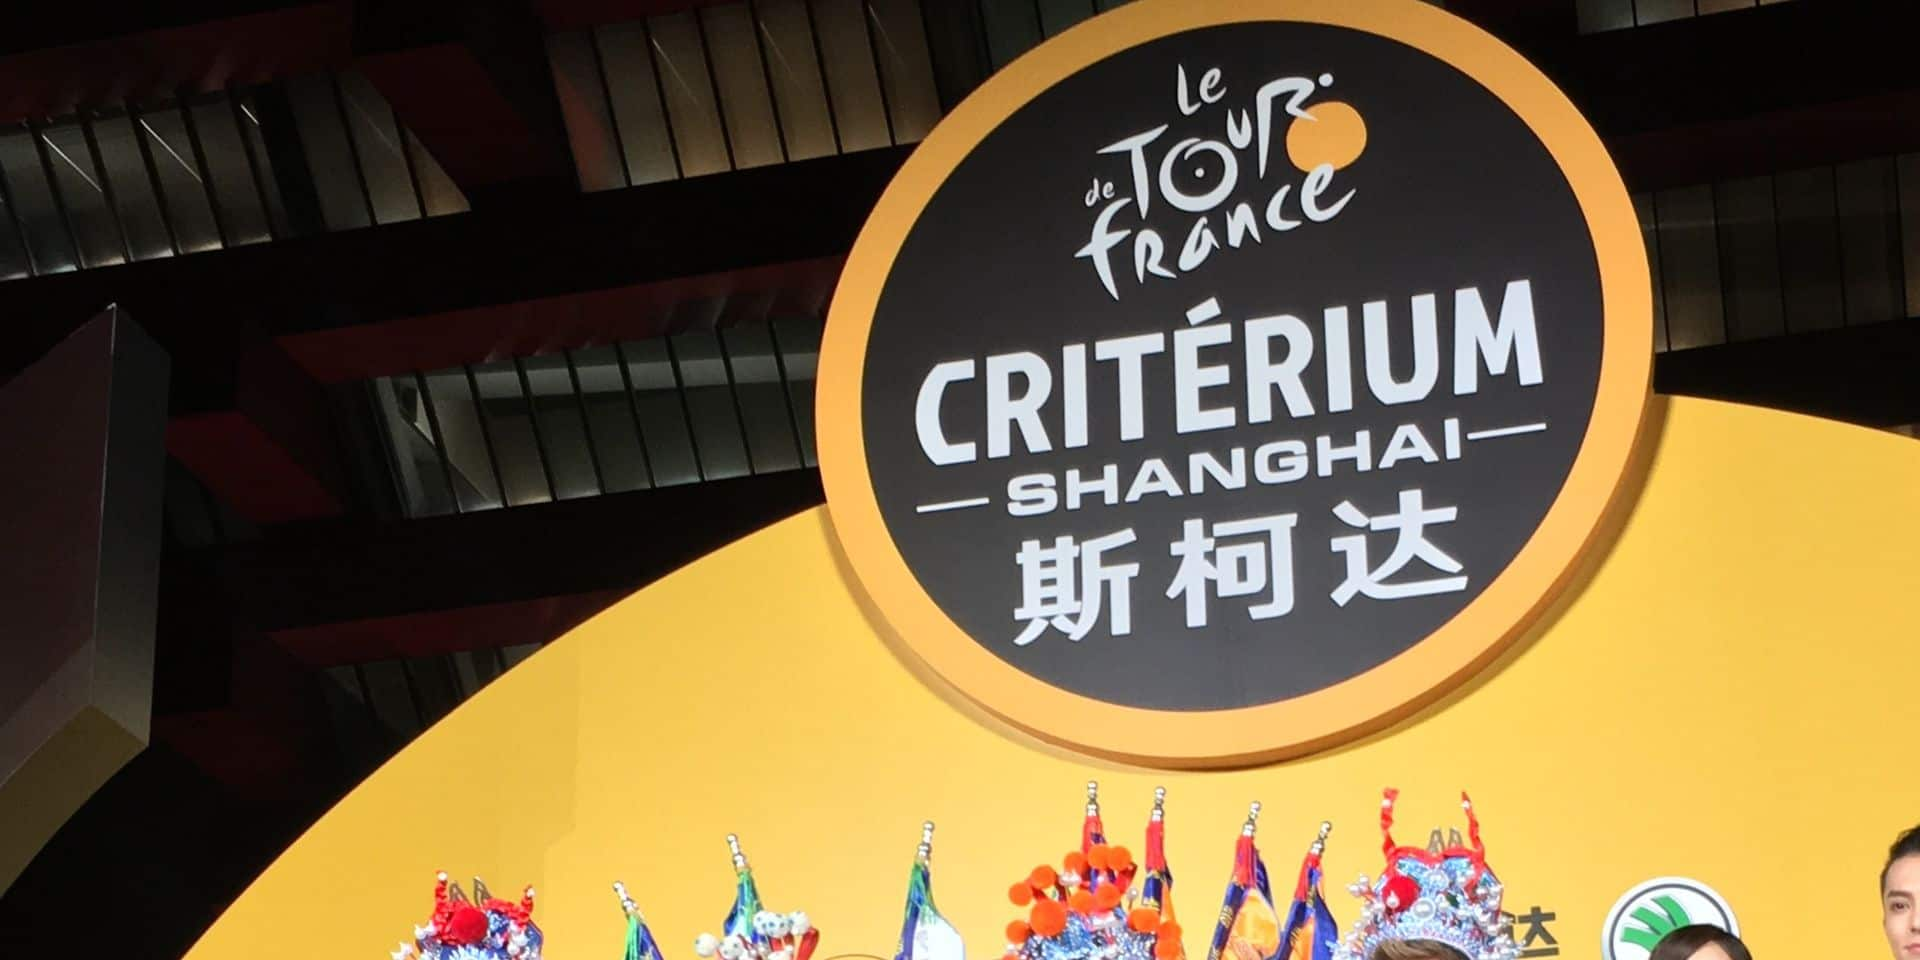 Voici la manière originale dont Peter Sagen & co se sont présentés face au public chinois avec le critérium de Shanghai